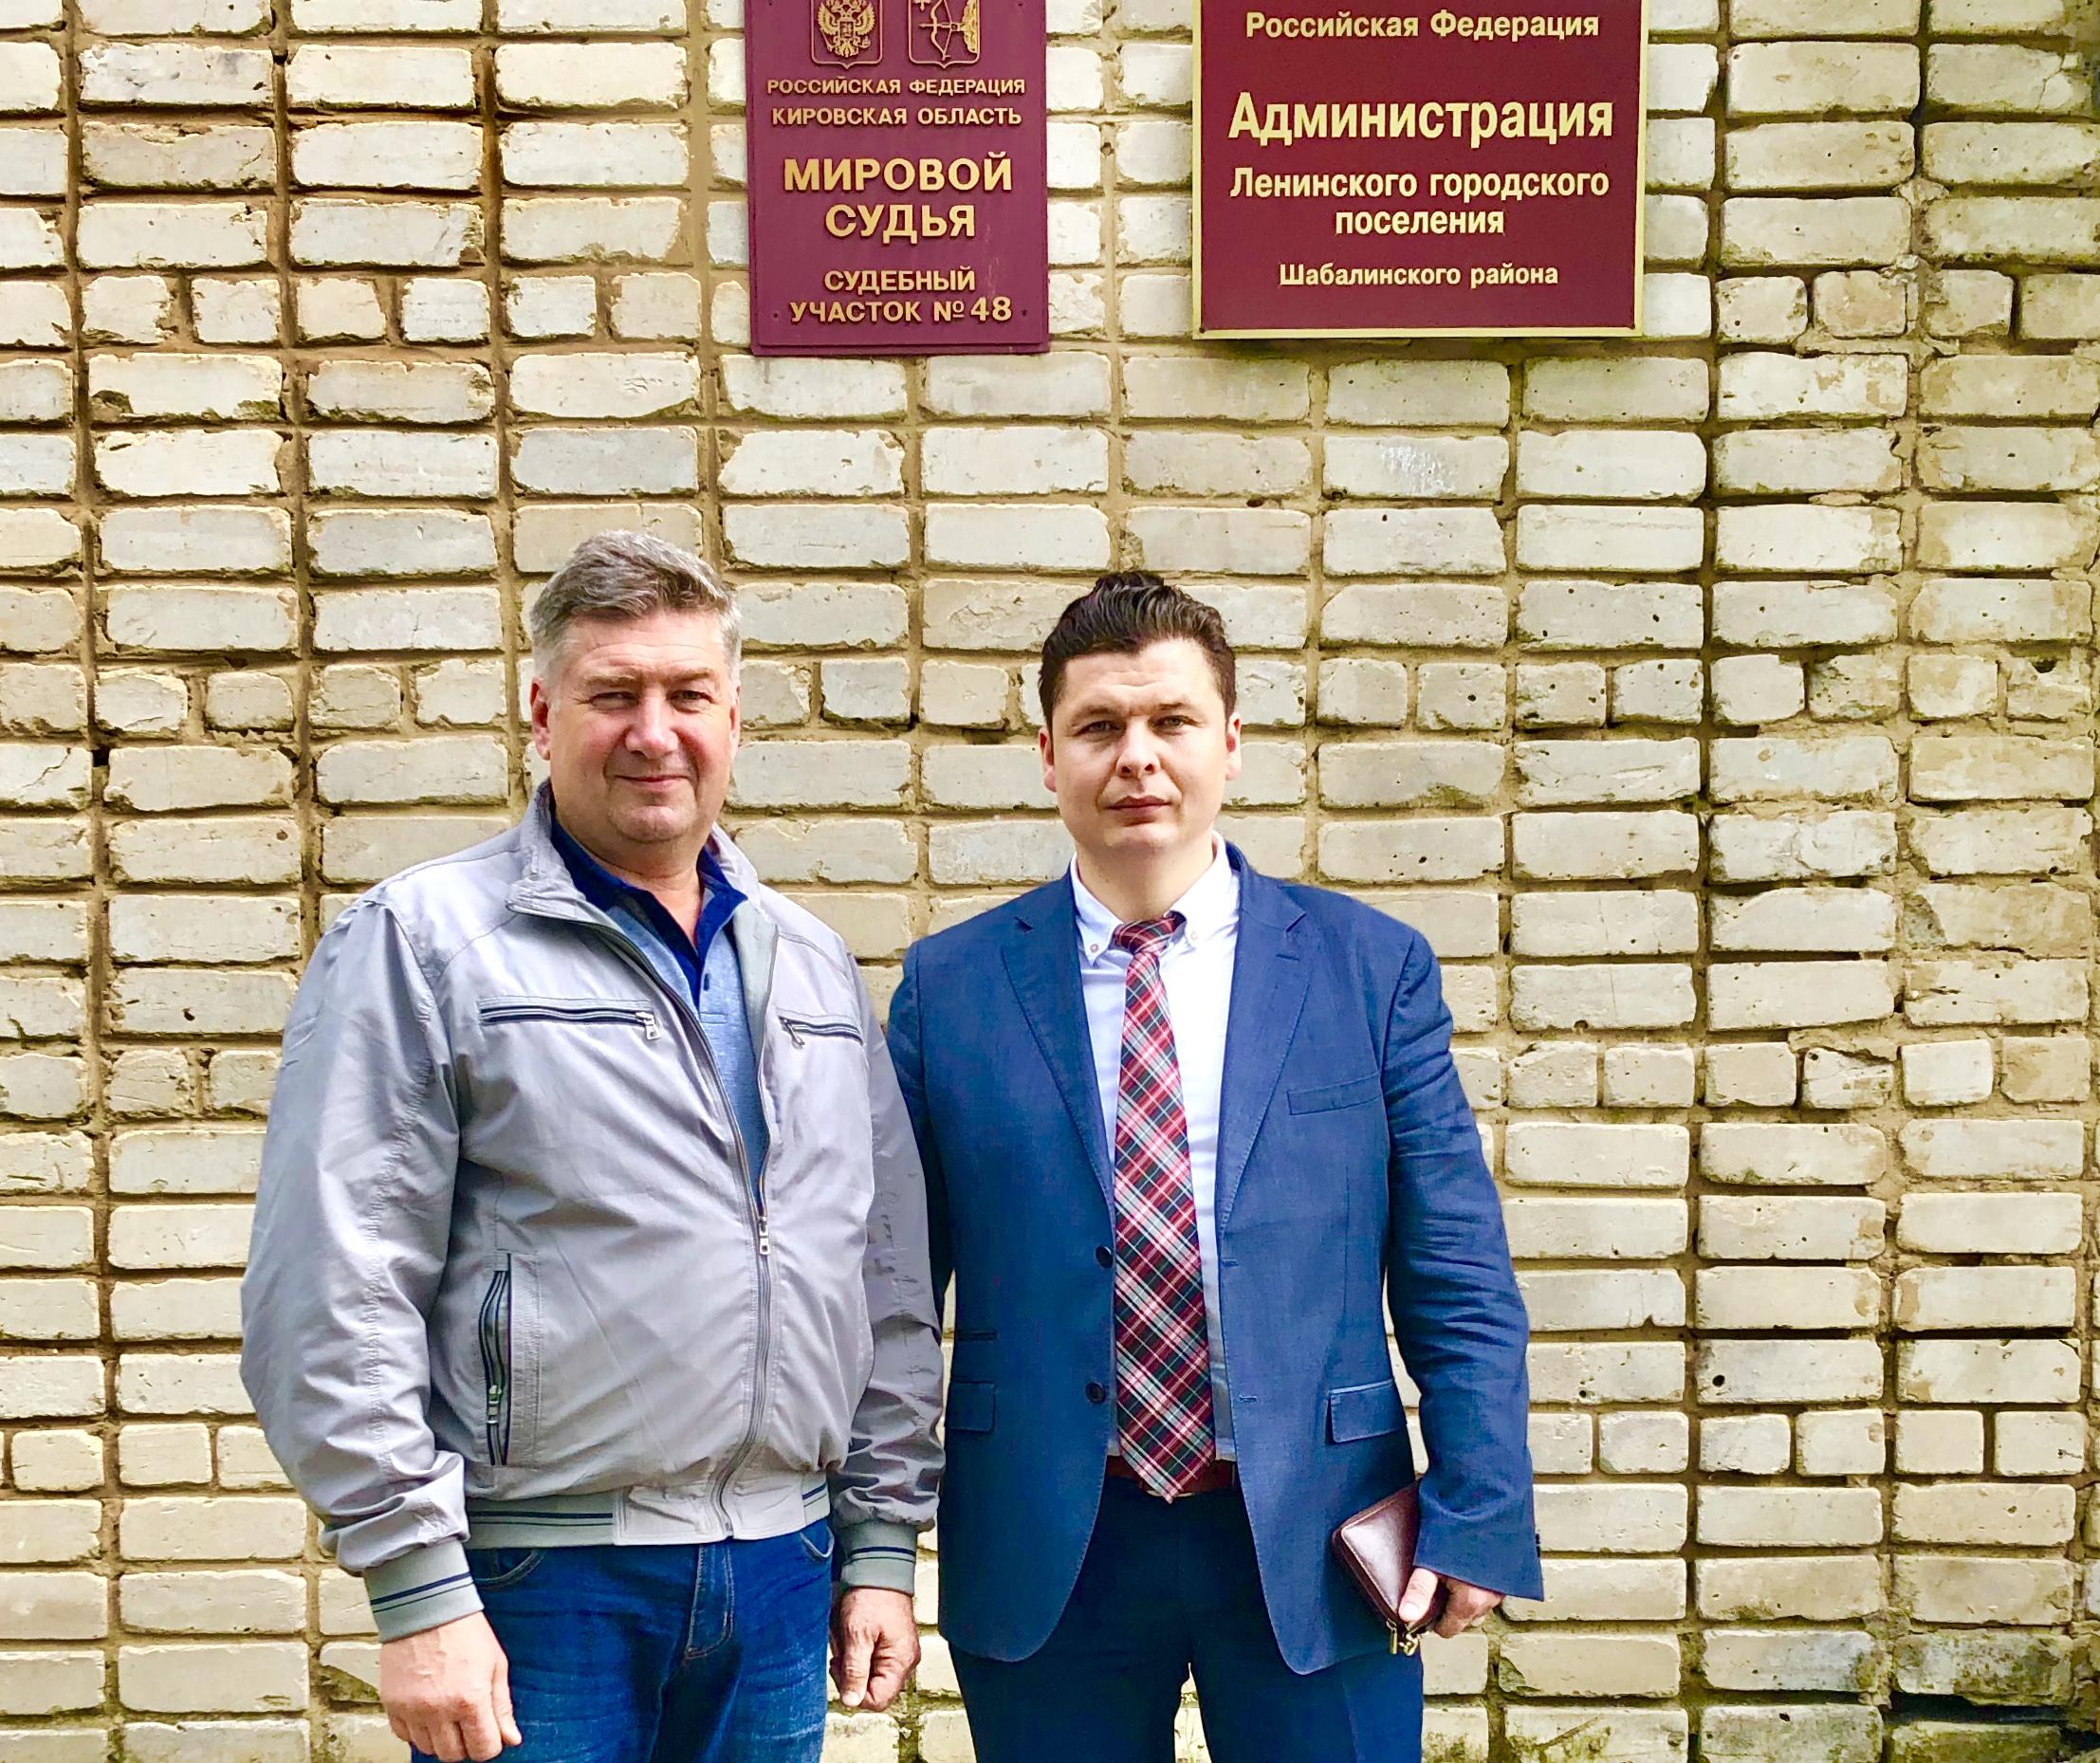 Суд не нашел криминала в действиях координатора Шабалинской «Родины»